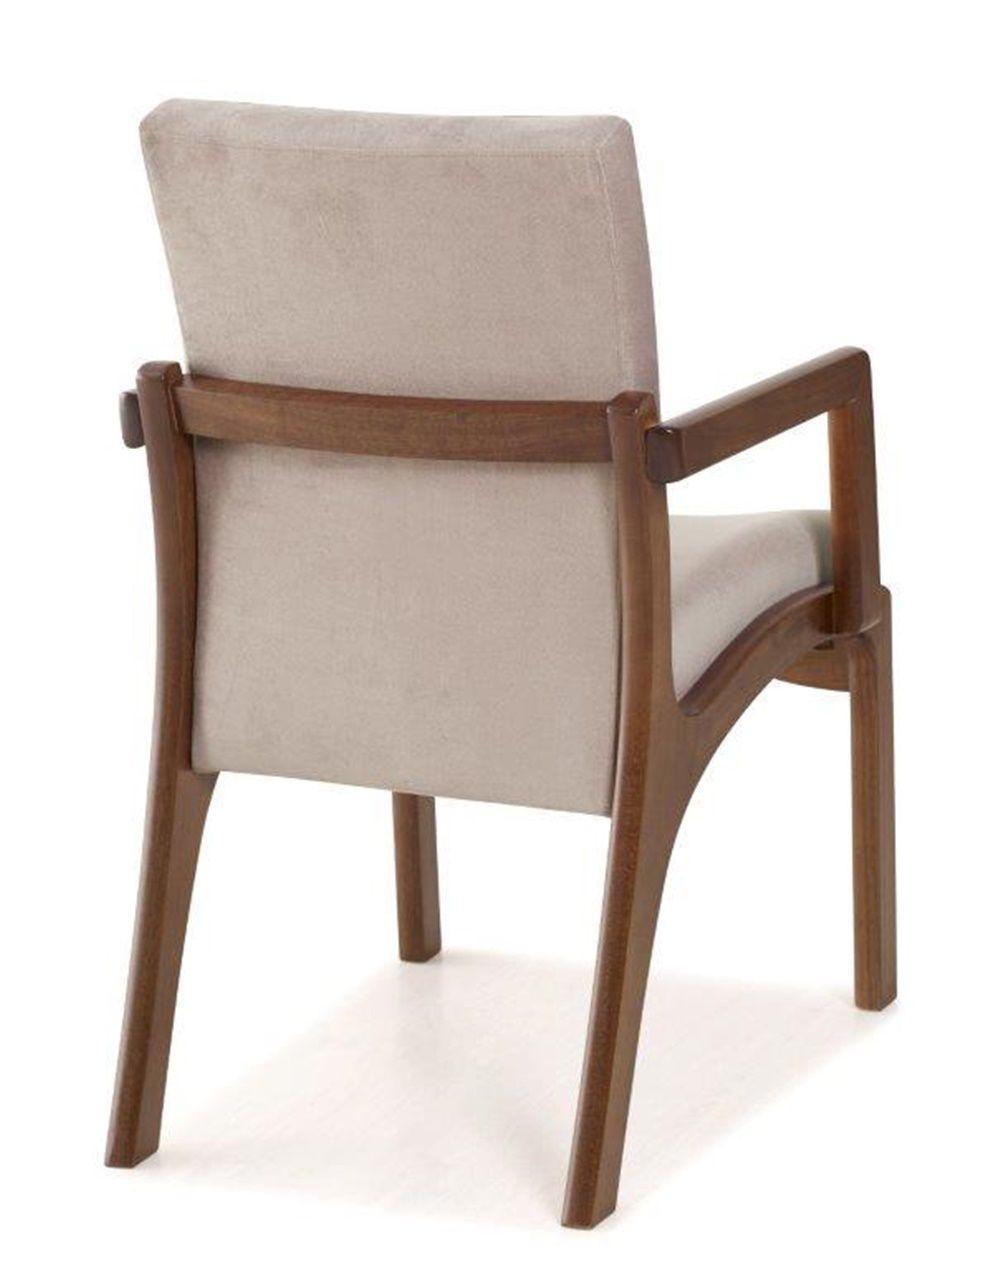 Cadeira de Jantar Classic com Braço - Madeira Maciça Tauari - Euclar